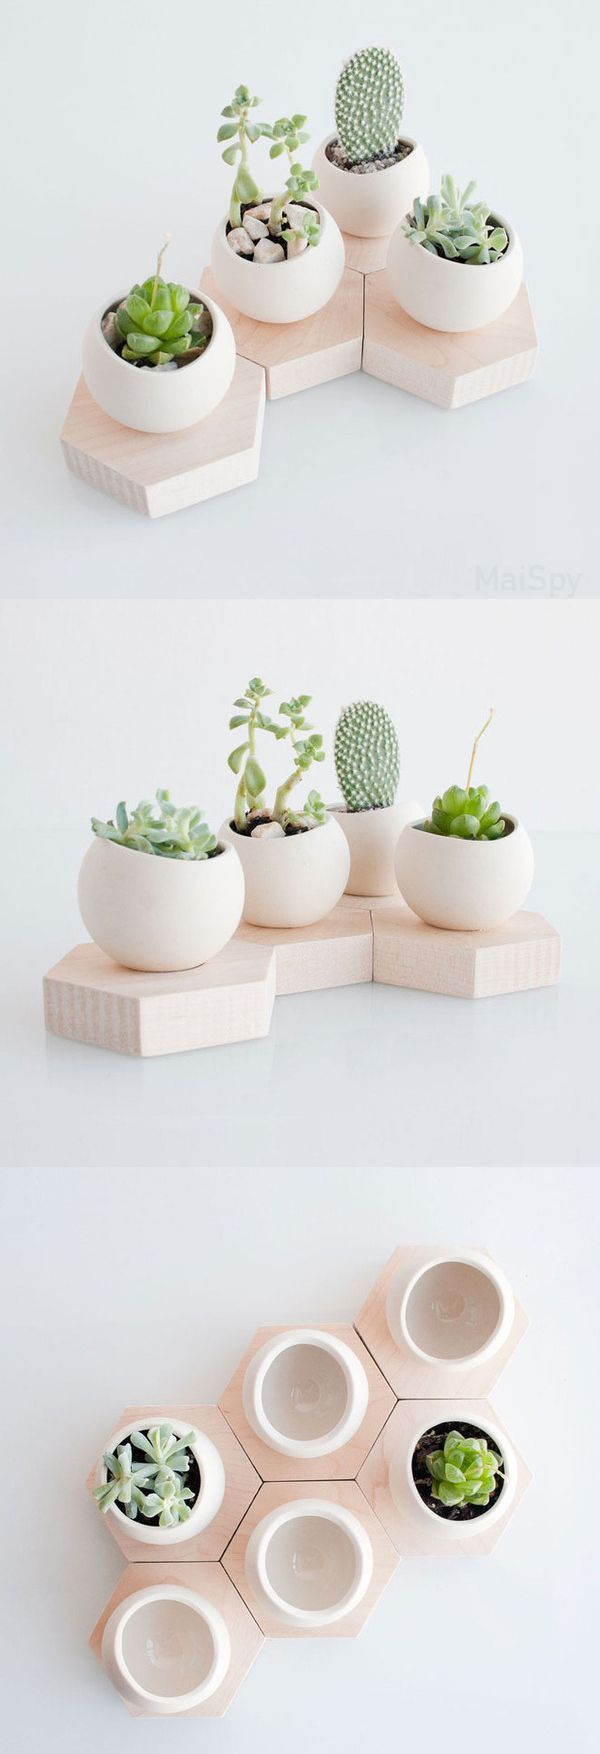 Cactus miniaturas , se puede hacer con globos de papel y despues rellenar con cemento